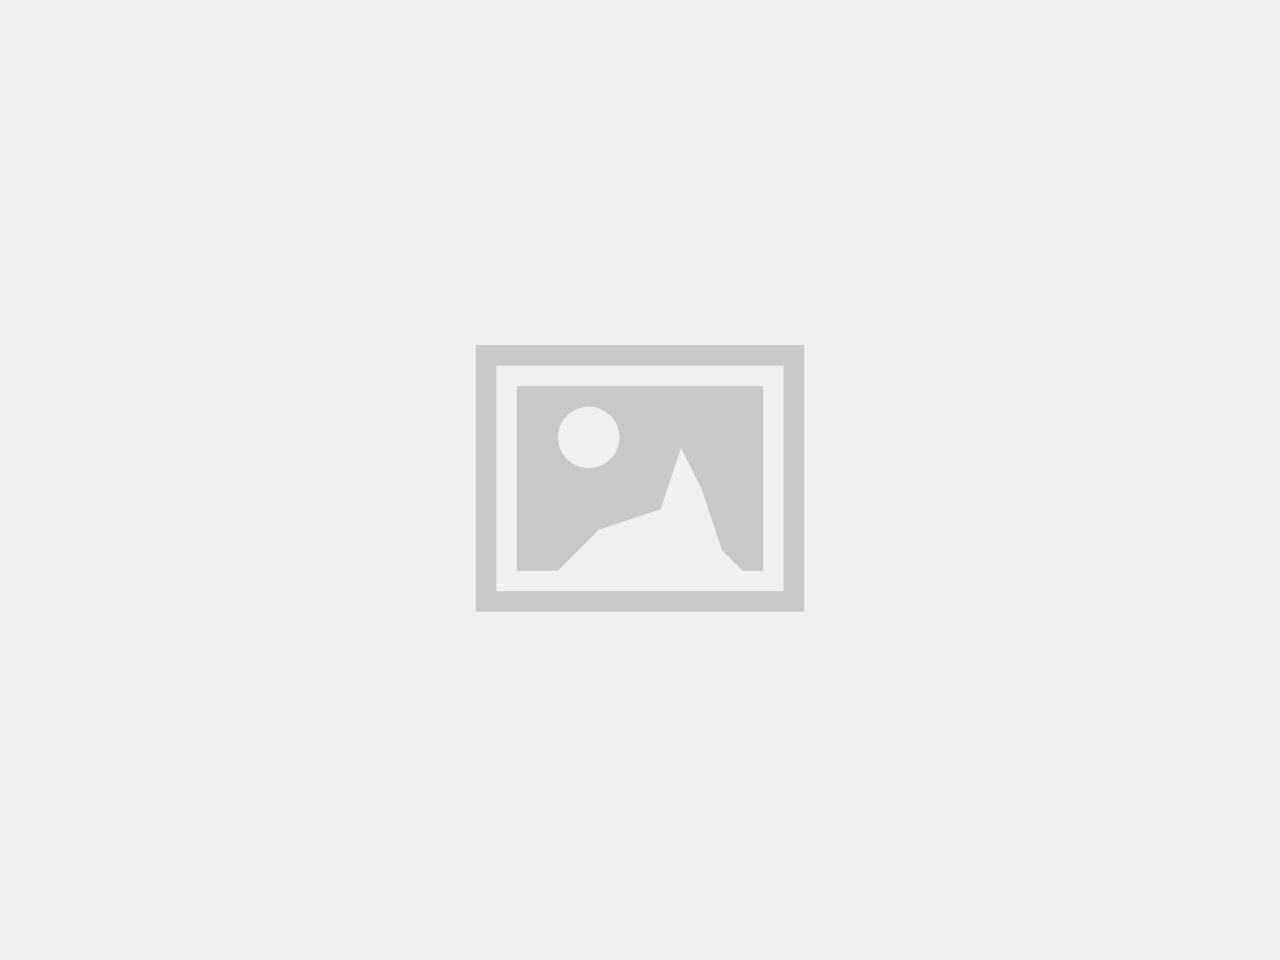 Komplett avtagbar dragkrok med elsats 7polig Citroen C3 2002-2009